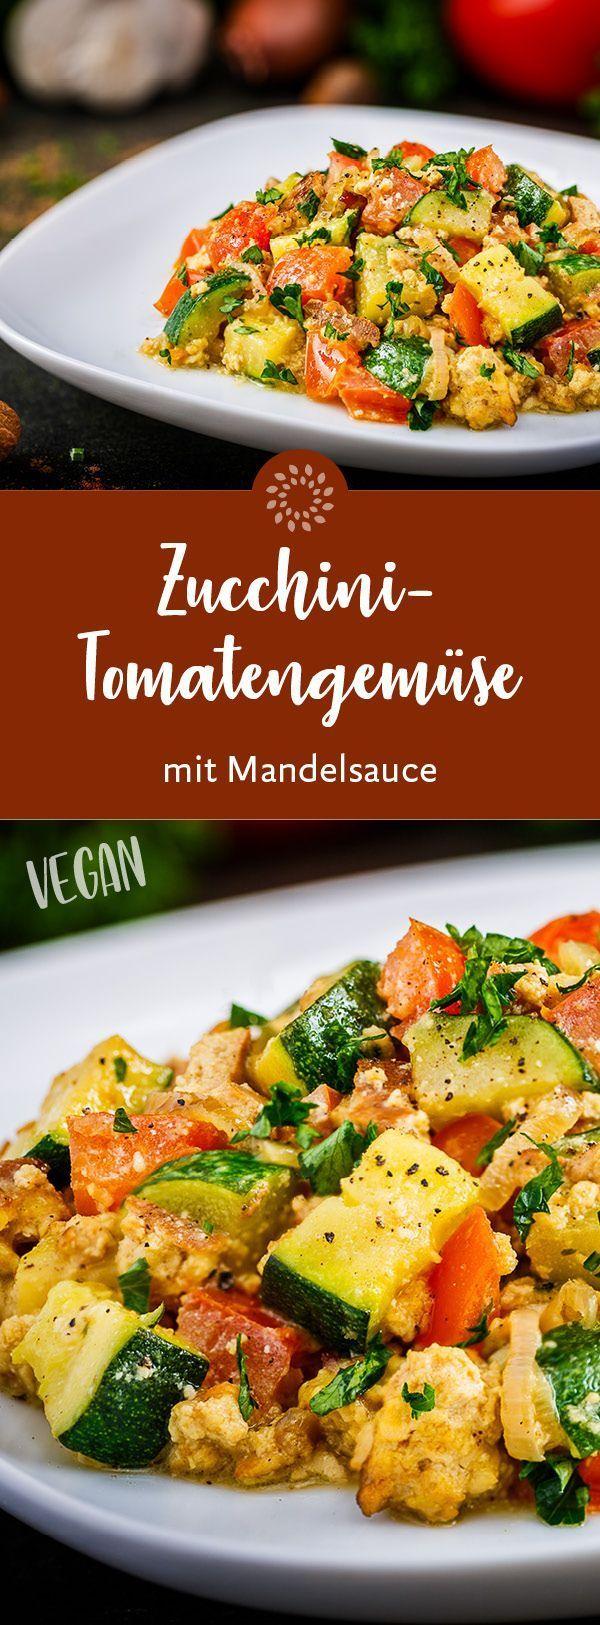 Zucchini-Tomatengemüse mit Mandelsauce #vegetarischerezepteschnell